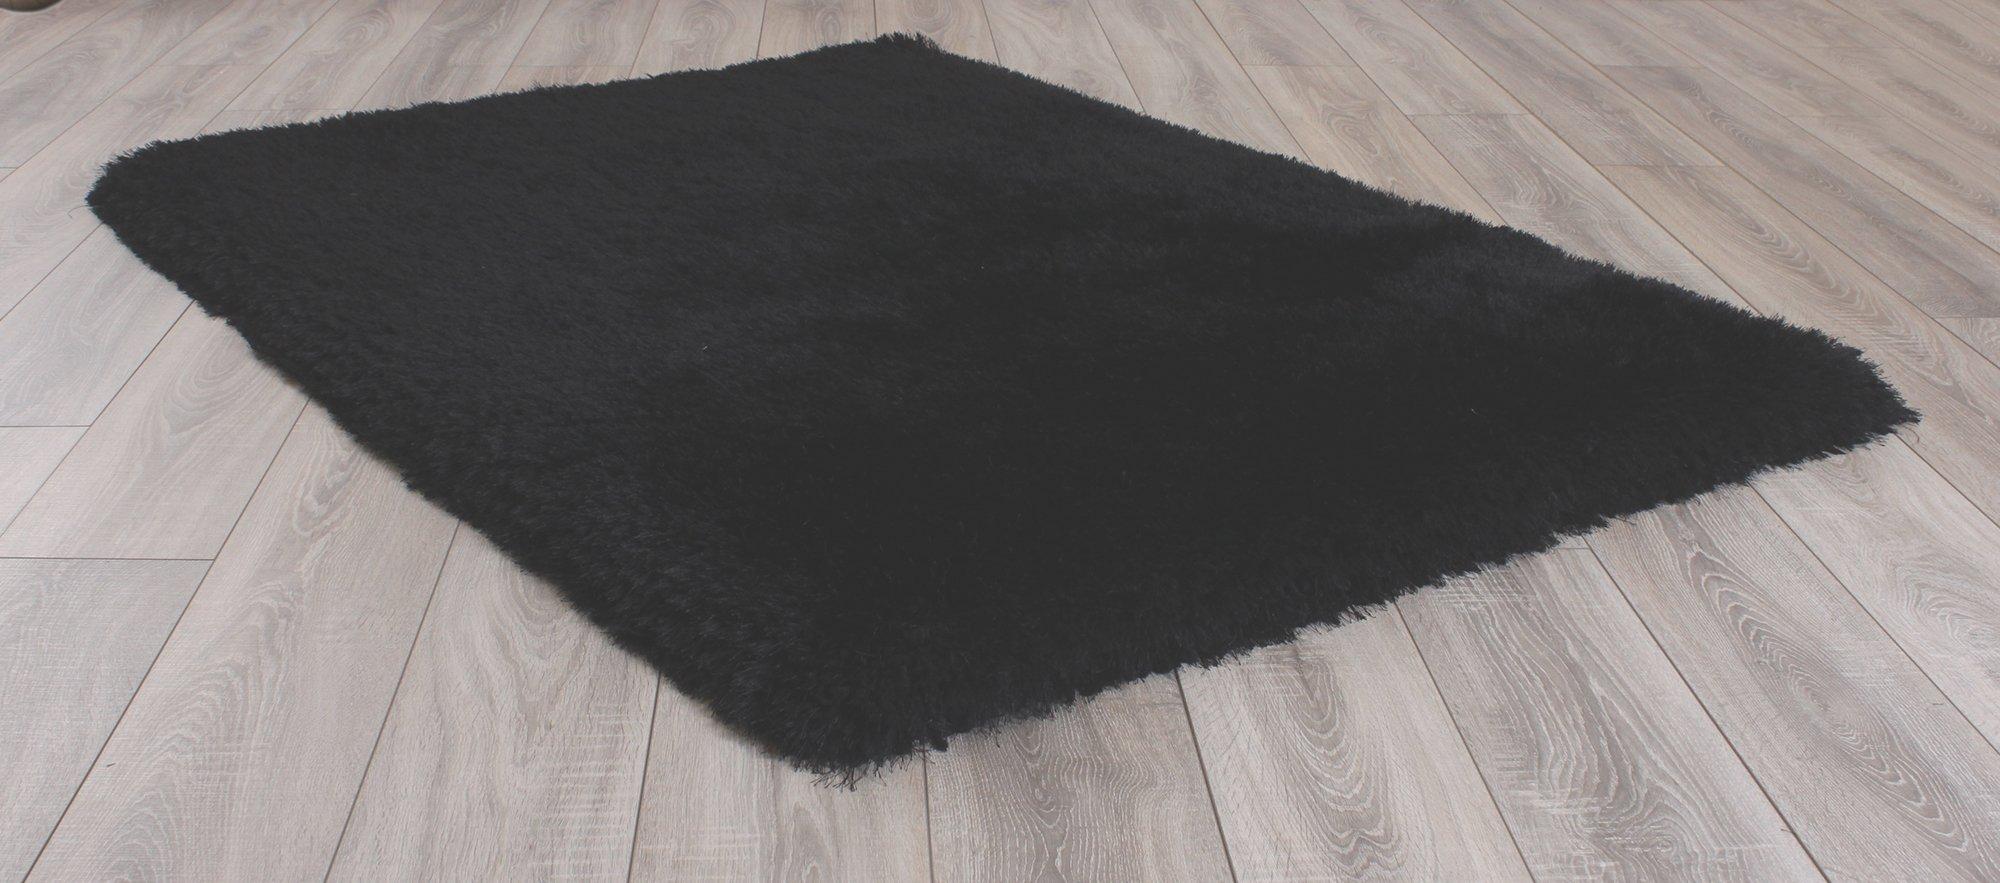 Image of Mayfair Shaggy Rug - 120x170cm - Black.